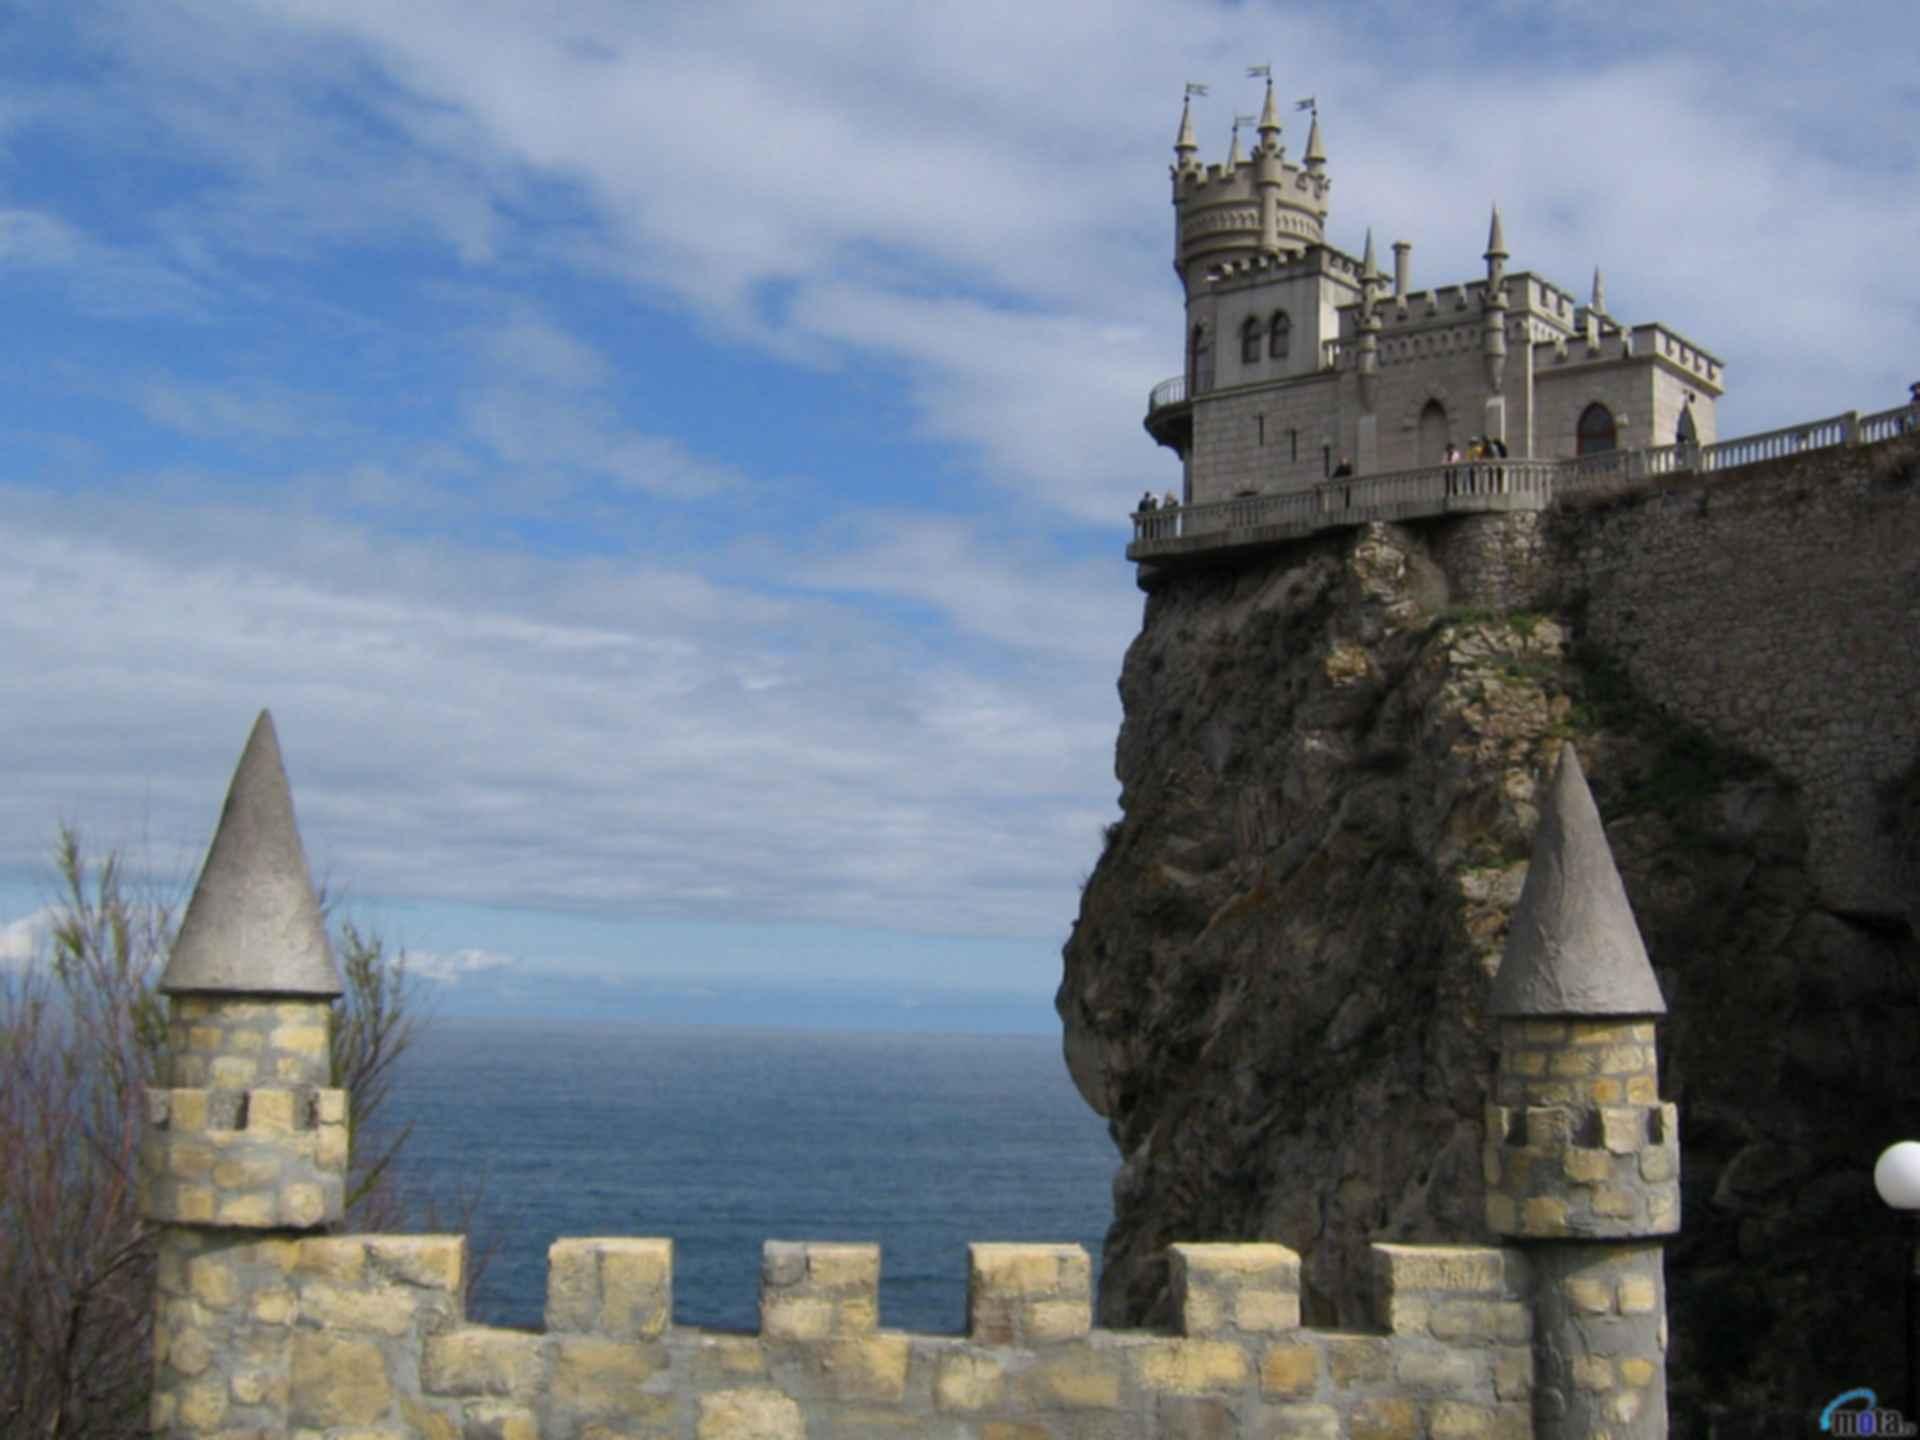 Swallow's Nest Castle - Exterior